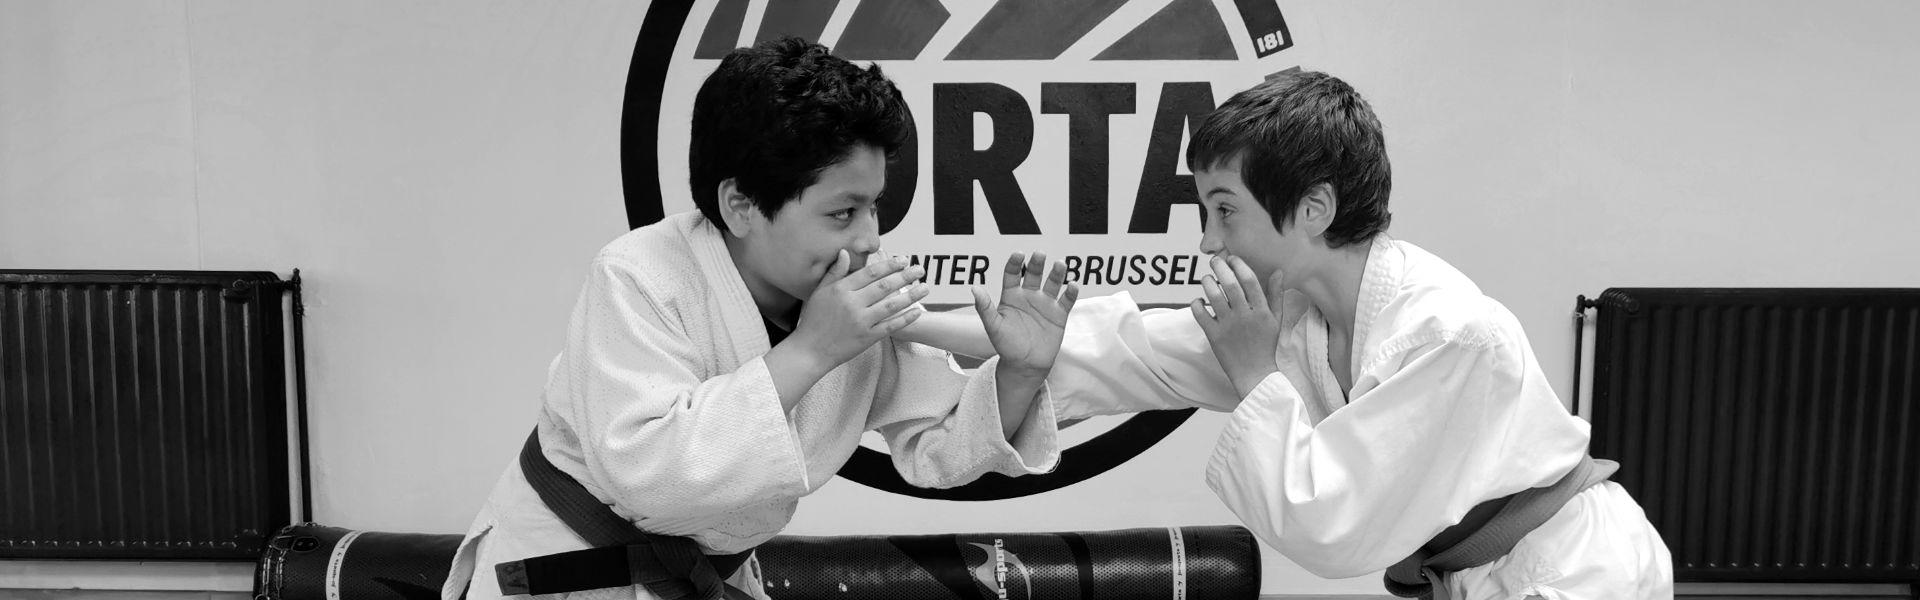 Brazilian Jiu-Jitsu for kids at Aorta